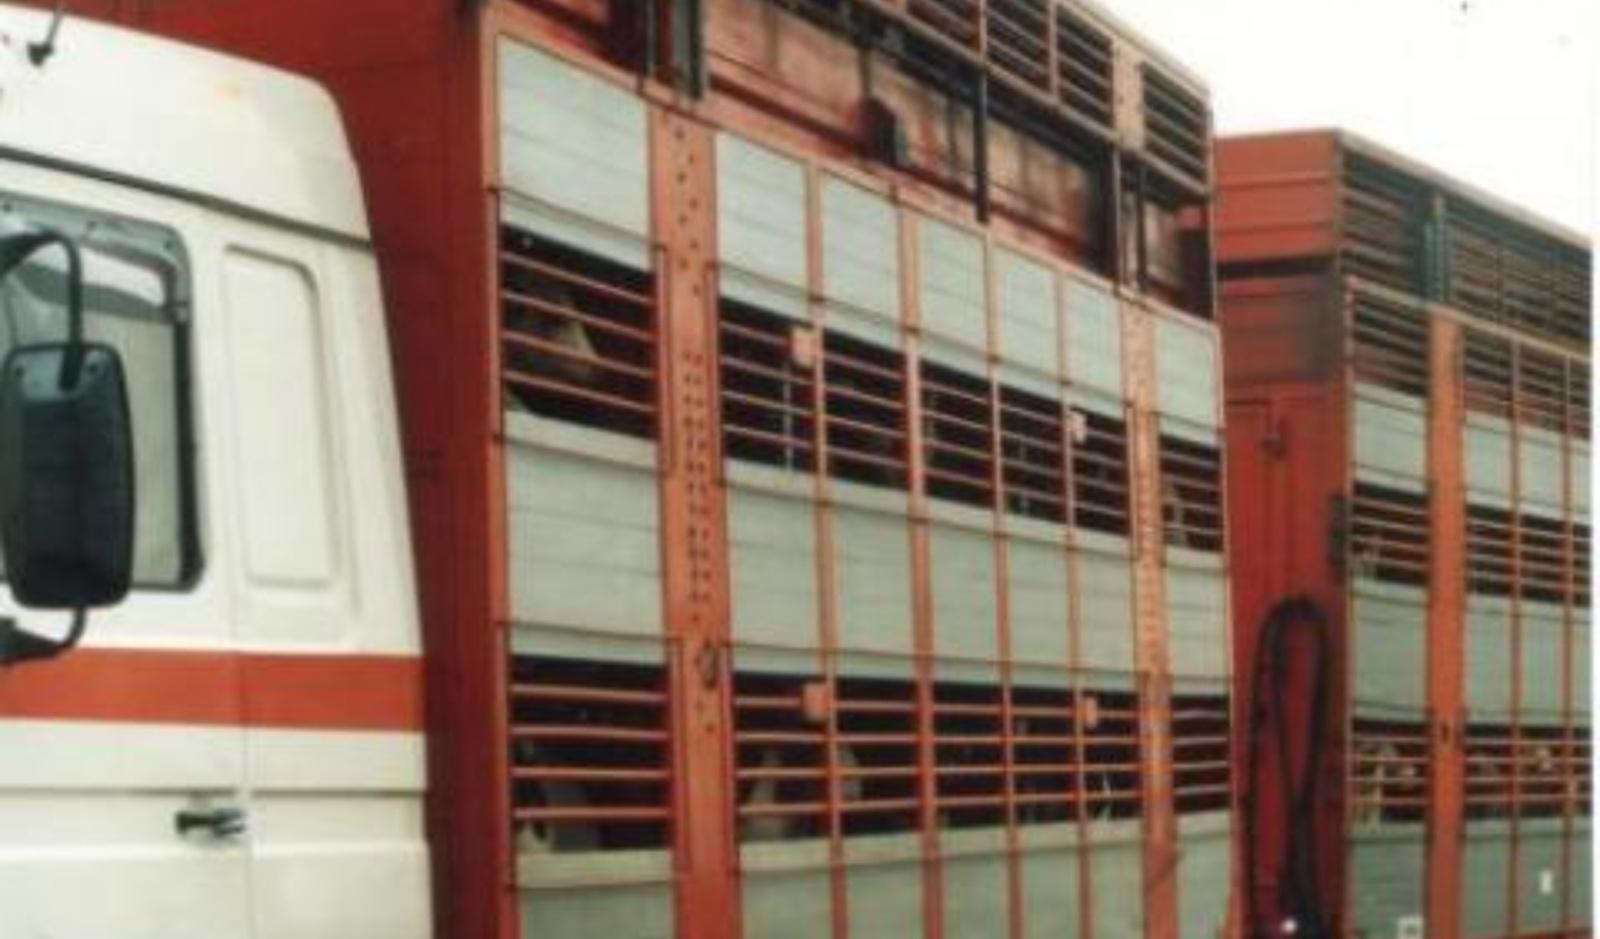 Dėl netinkamo veršelių gabenimo pradėtas tyrimas, gresia sankcijos